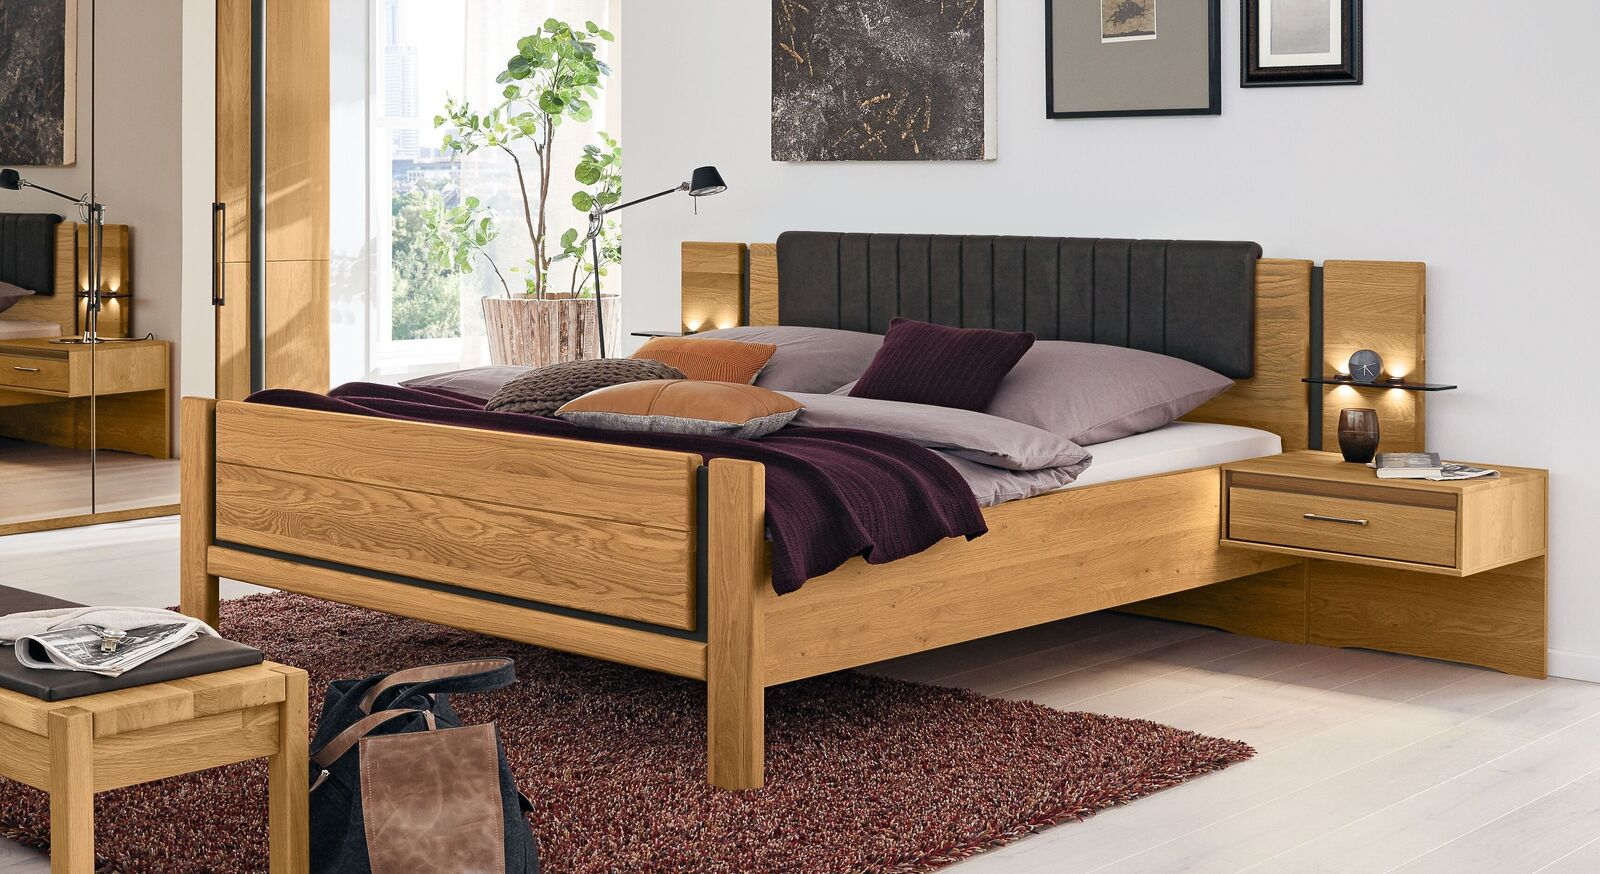 MUSTERRING Bett Sorrent mit hochwertigem Zubehör